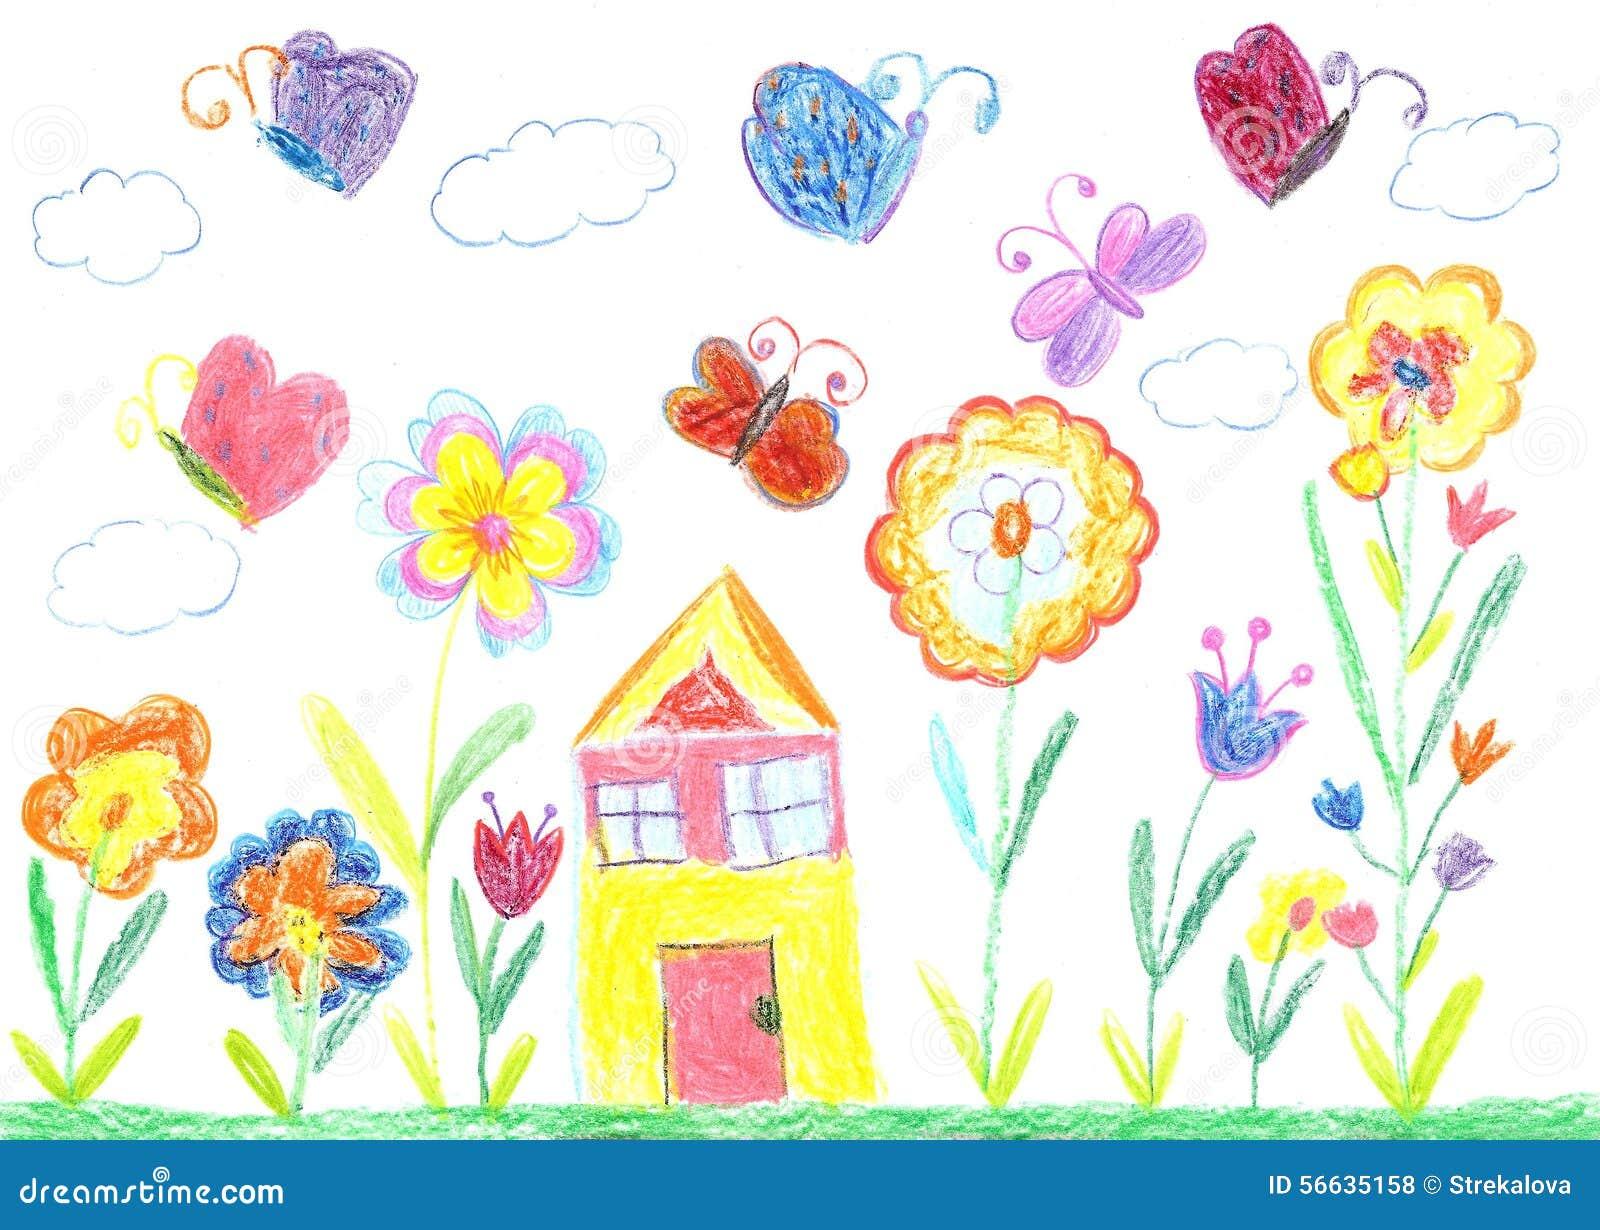 Dessin d 39 enfant d 39 une maison photo stock image 56635158 - Maison dessin enfant ...